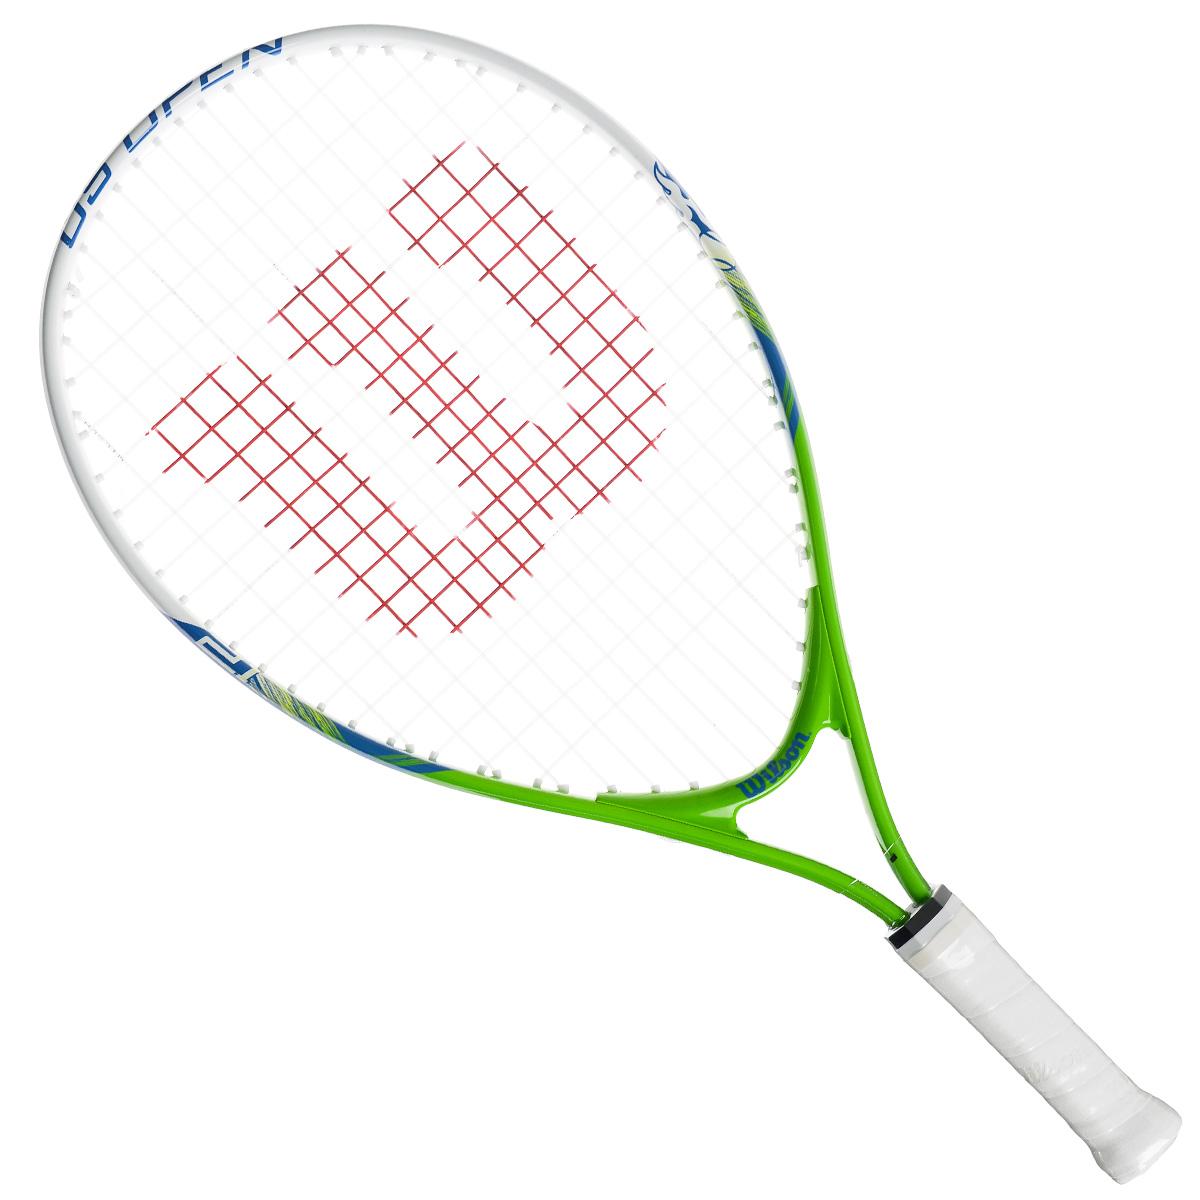 Ракетка детская Wilson  US Open 21  - Ракеточные виды спорта